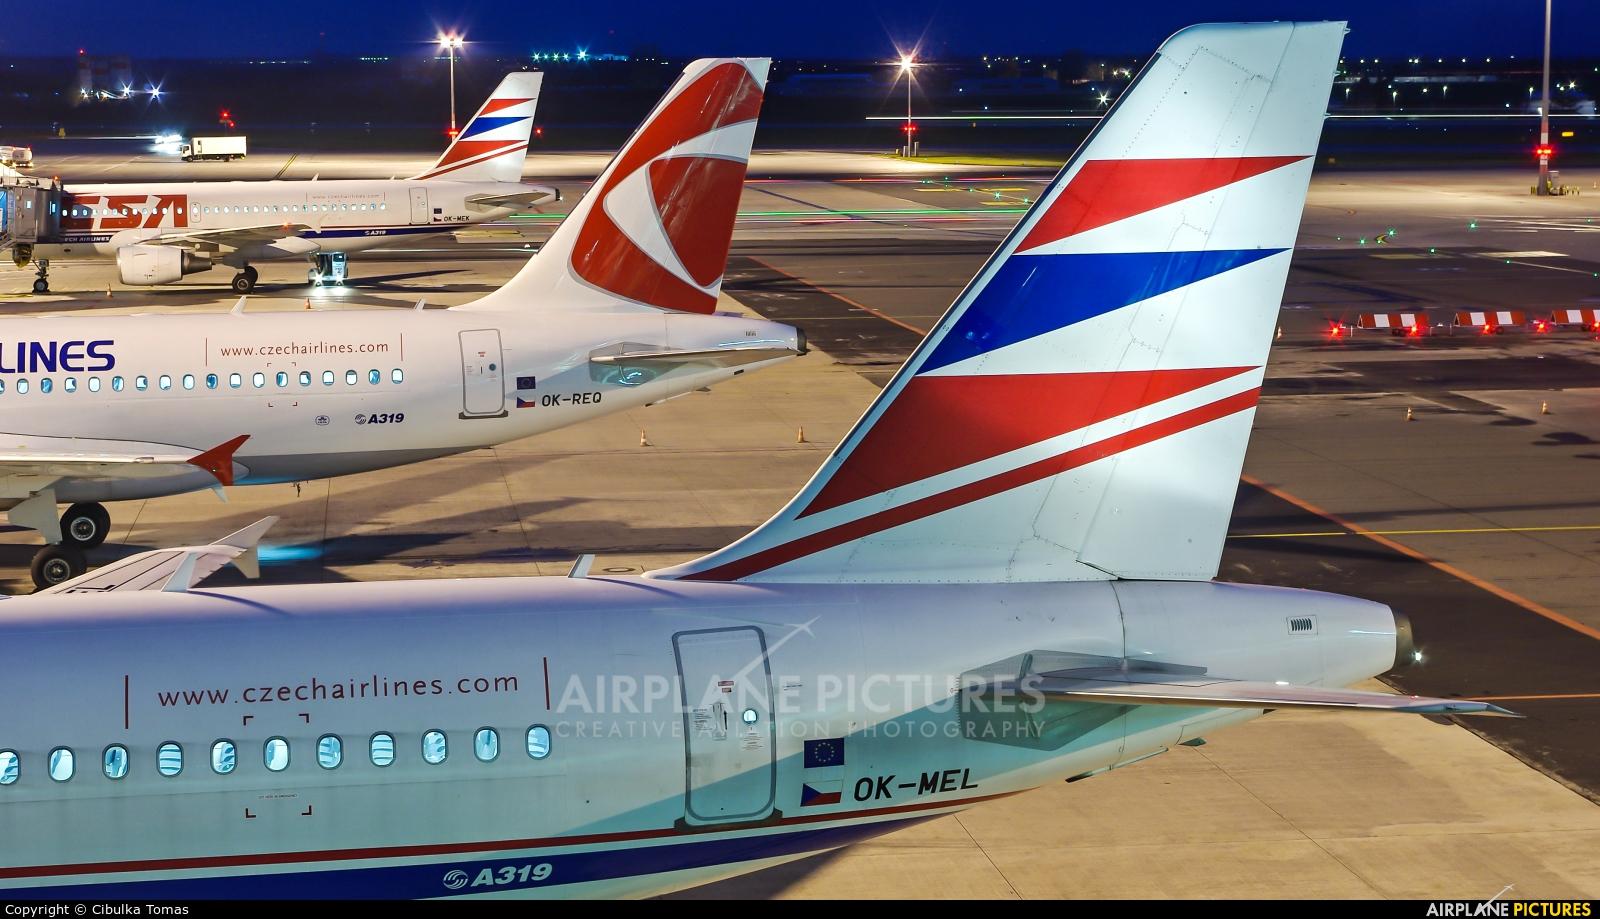 CSA - Czech Airlines OK-MEL aircraft at Prague - Václav Havel